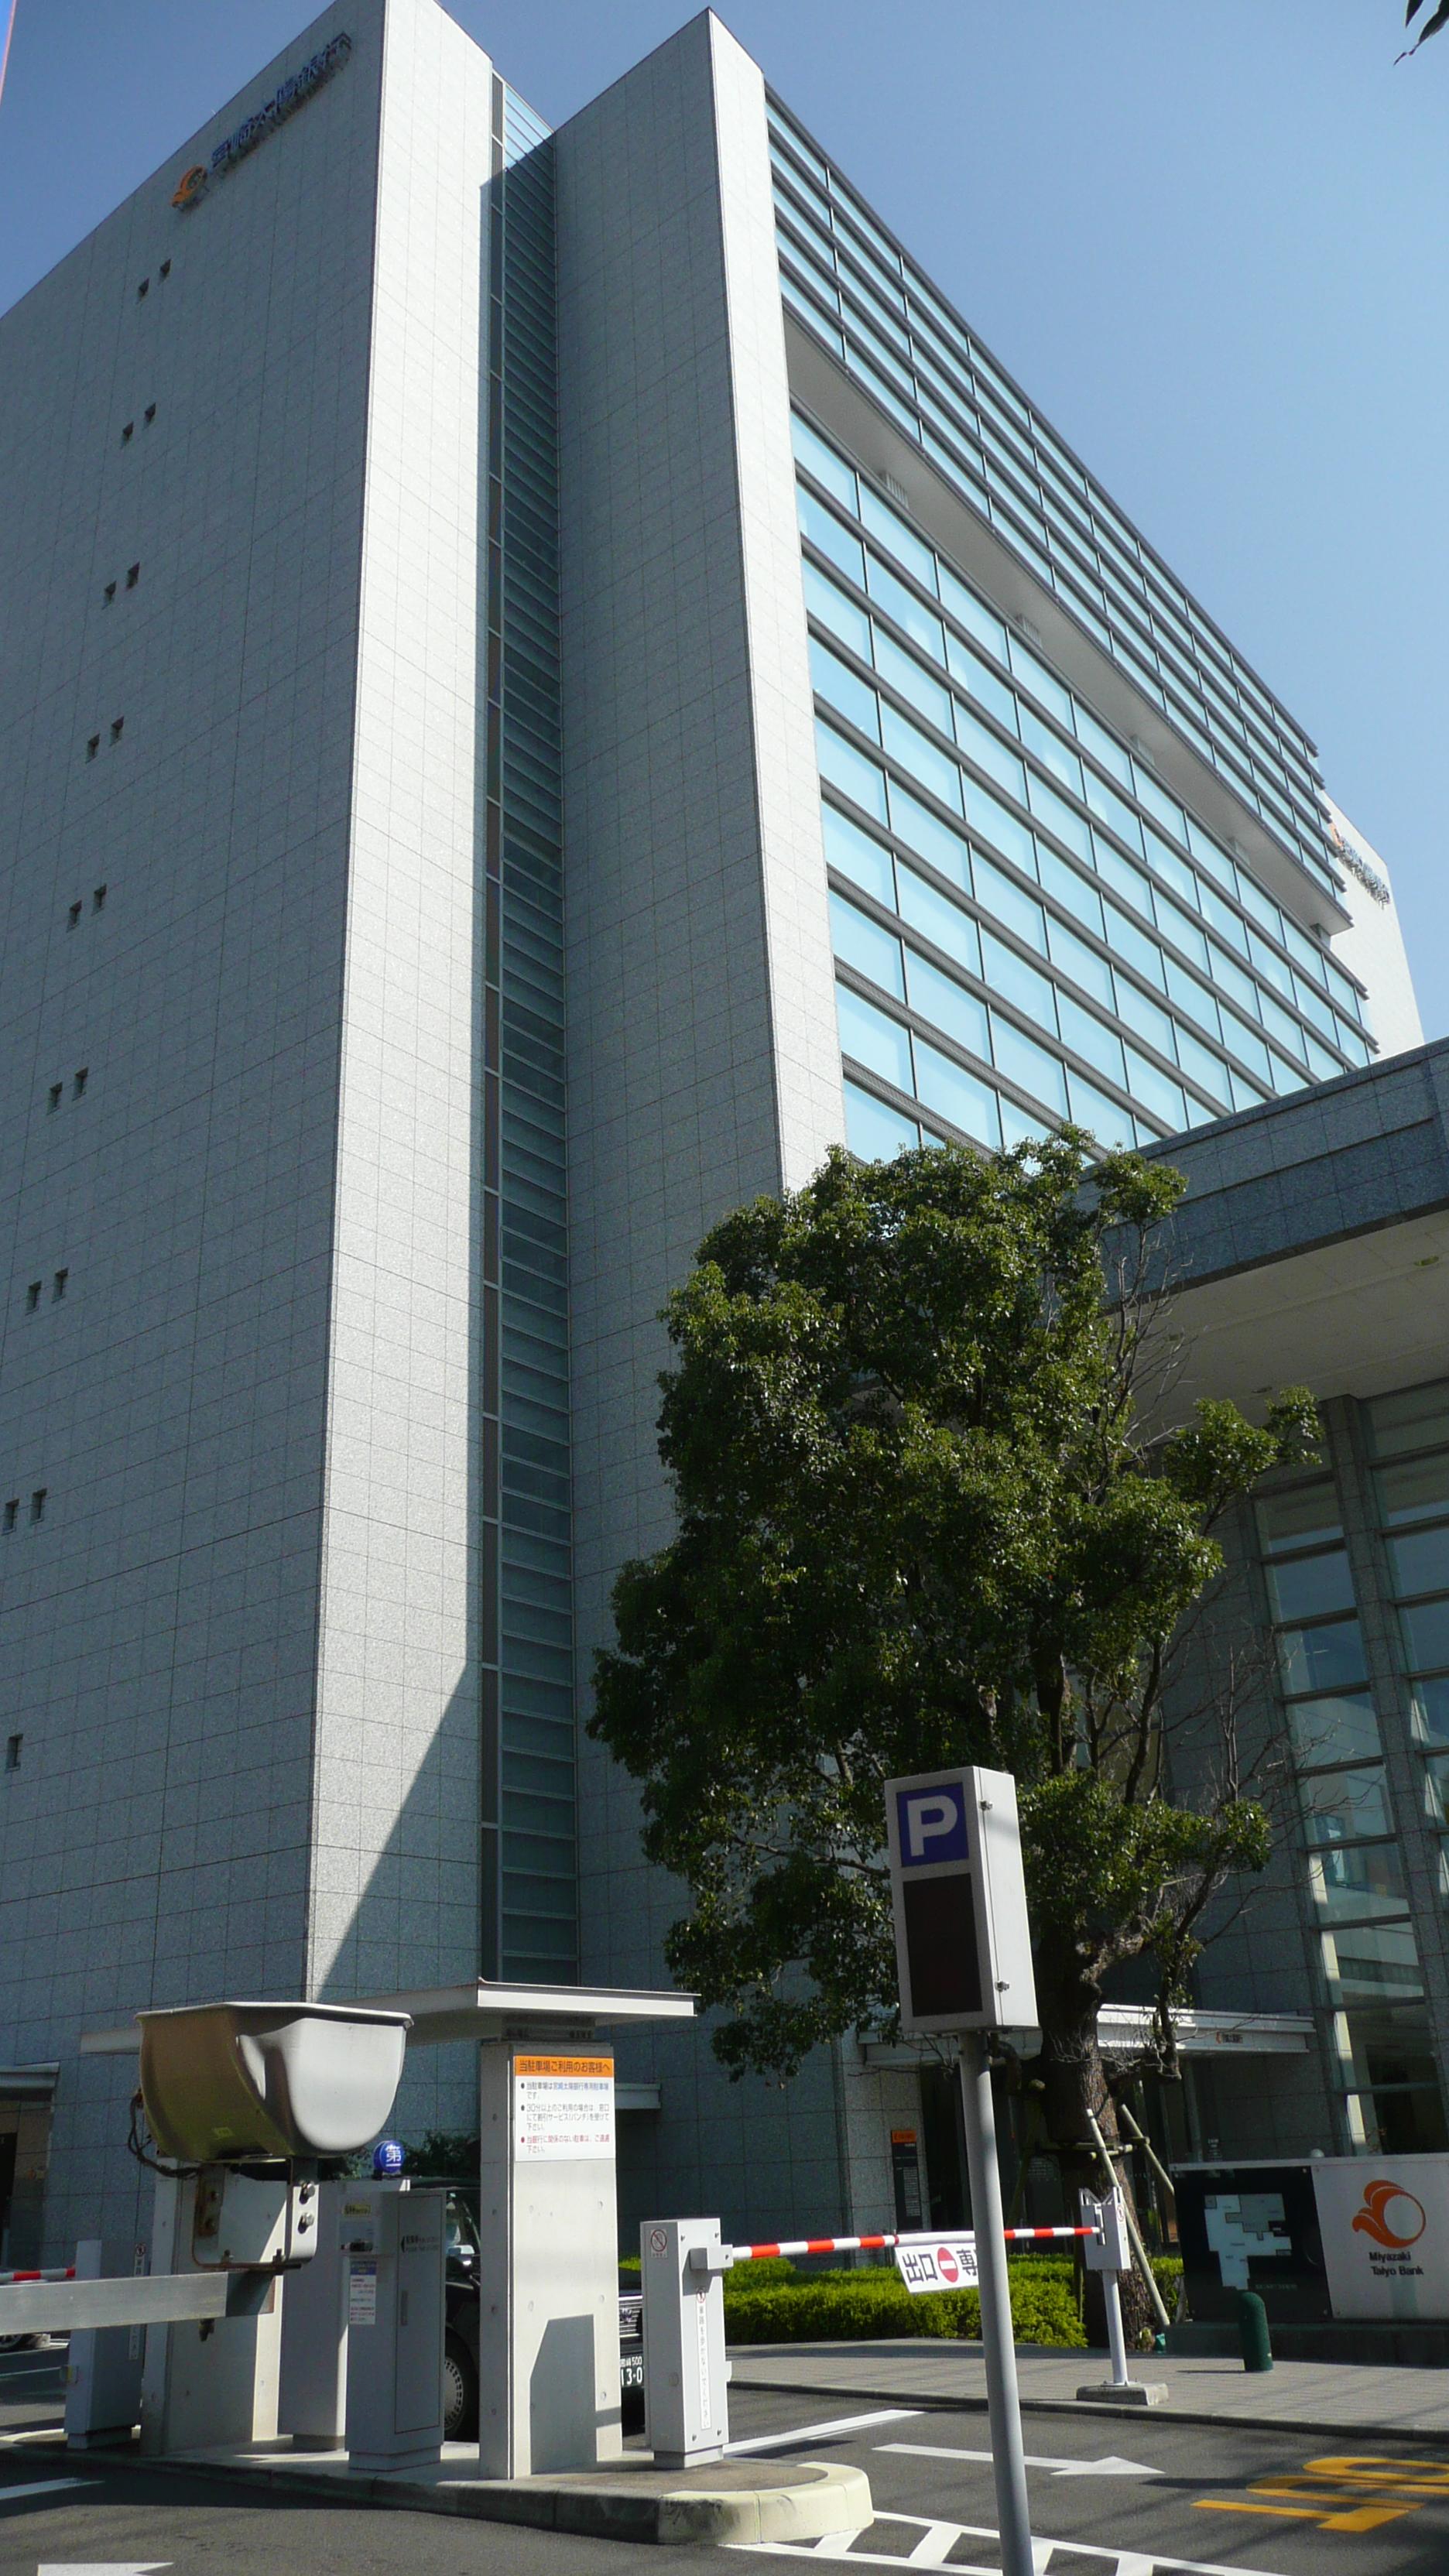 銀行 宮崎 太陽 【速報】宮崎太陽銀行でクラスター